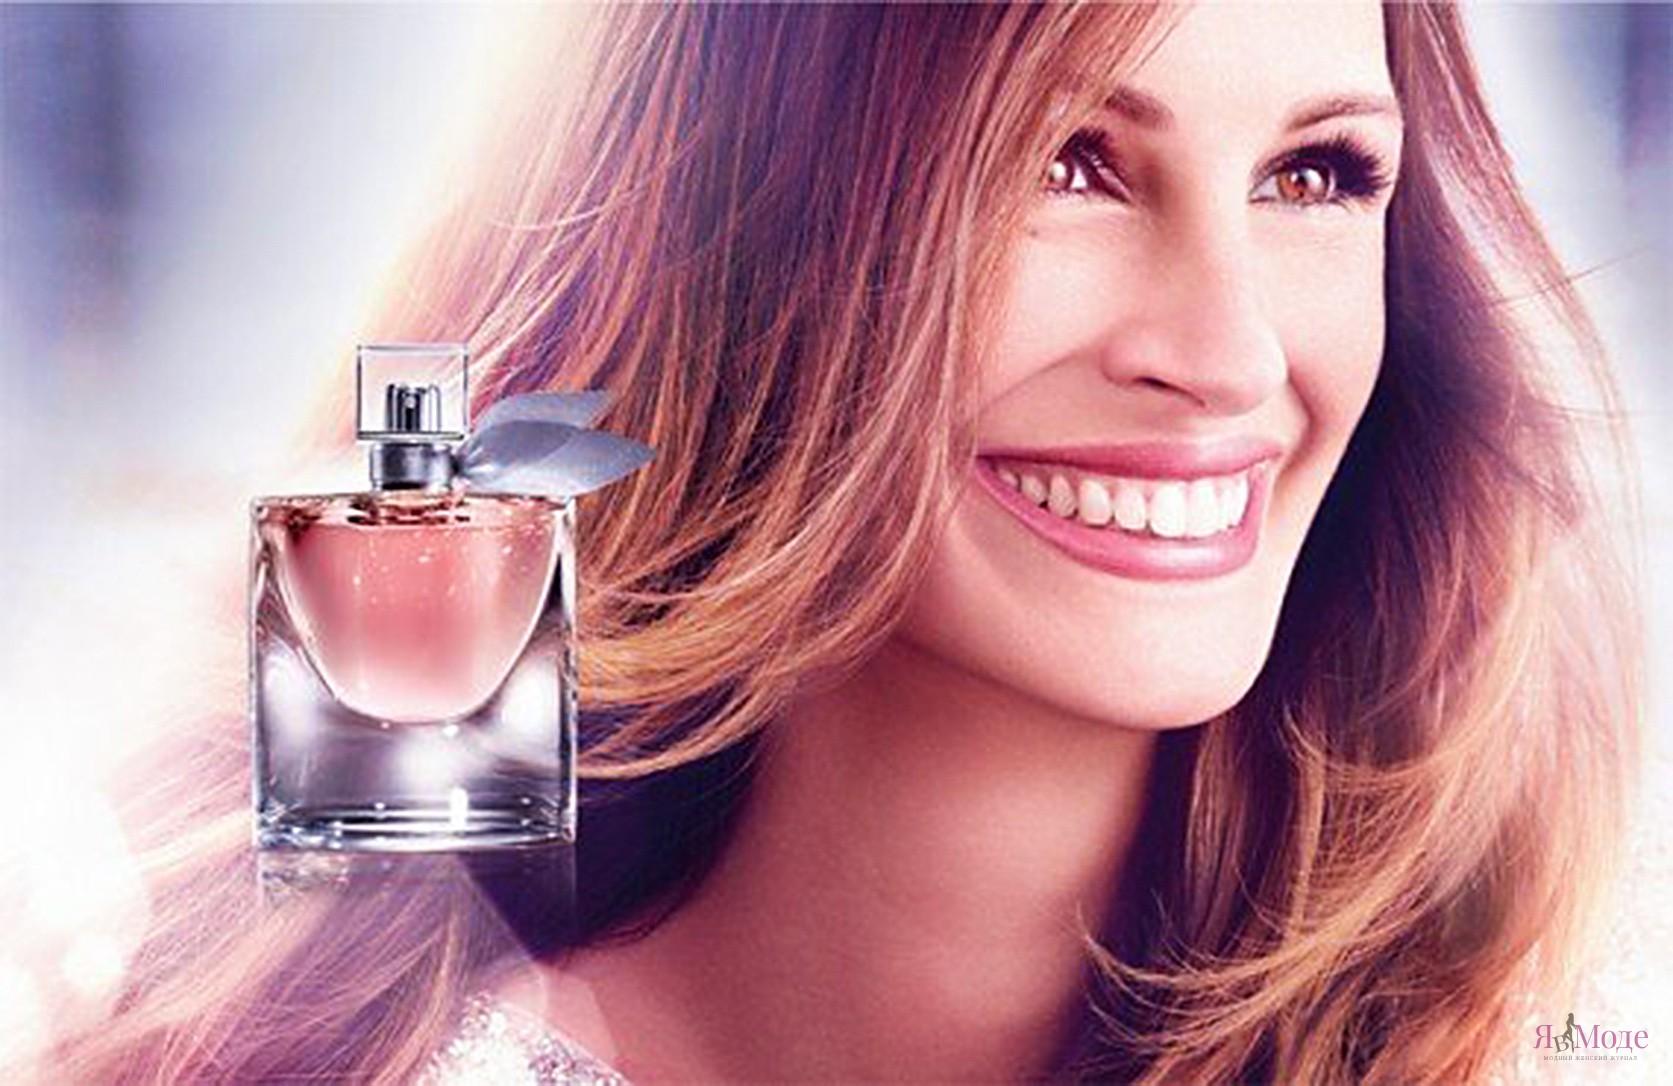 Лицо нового парфюма - Джулия Робертс. Это новая философия жизни.